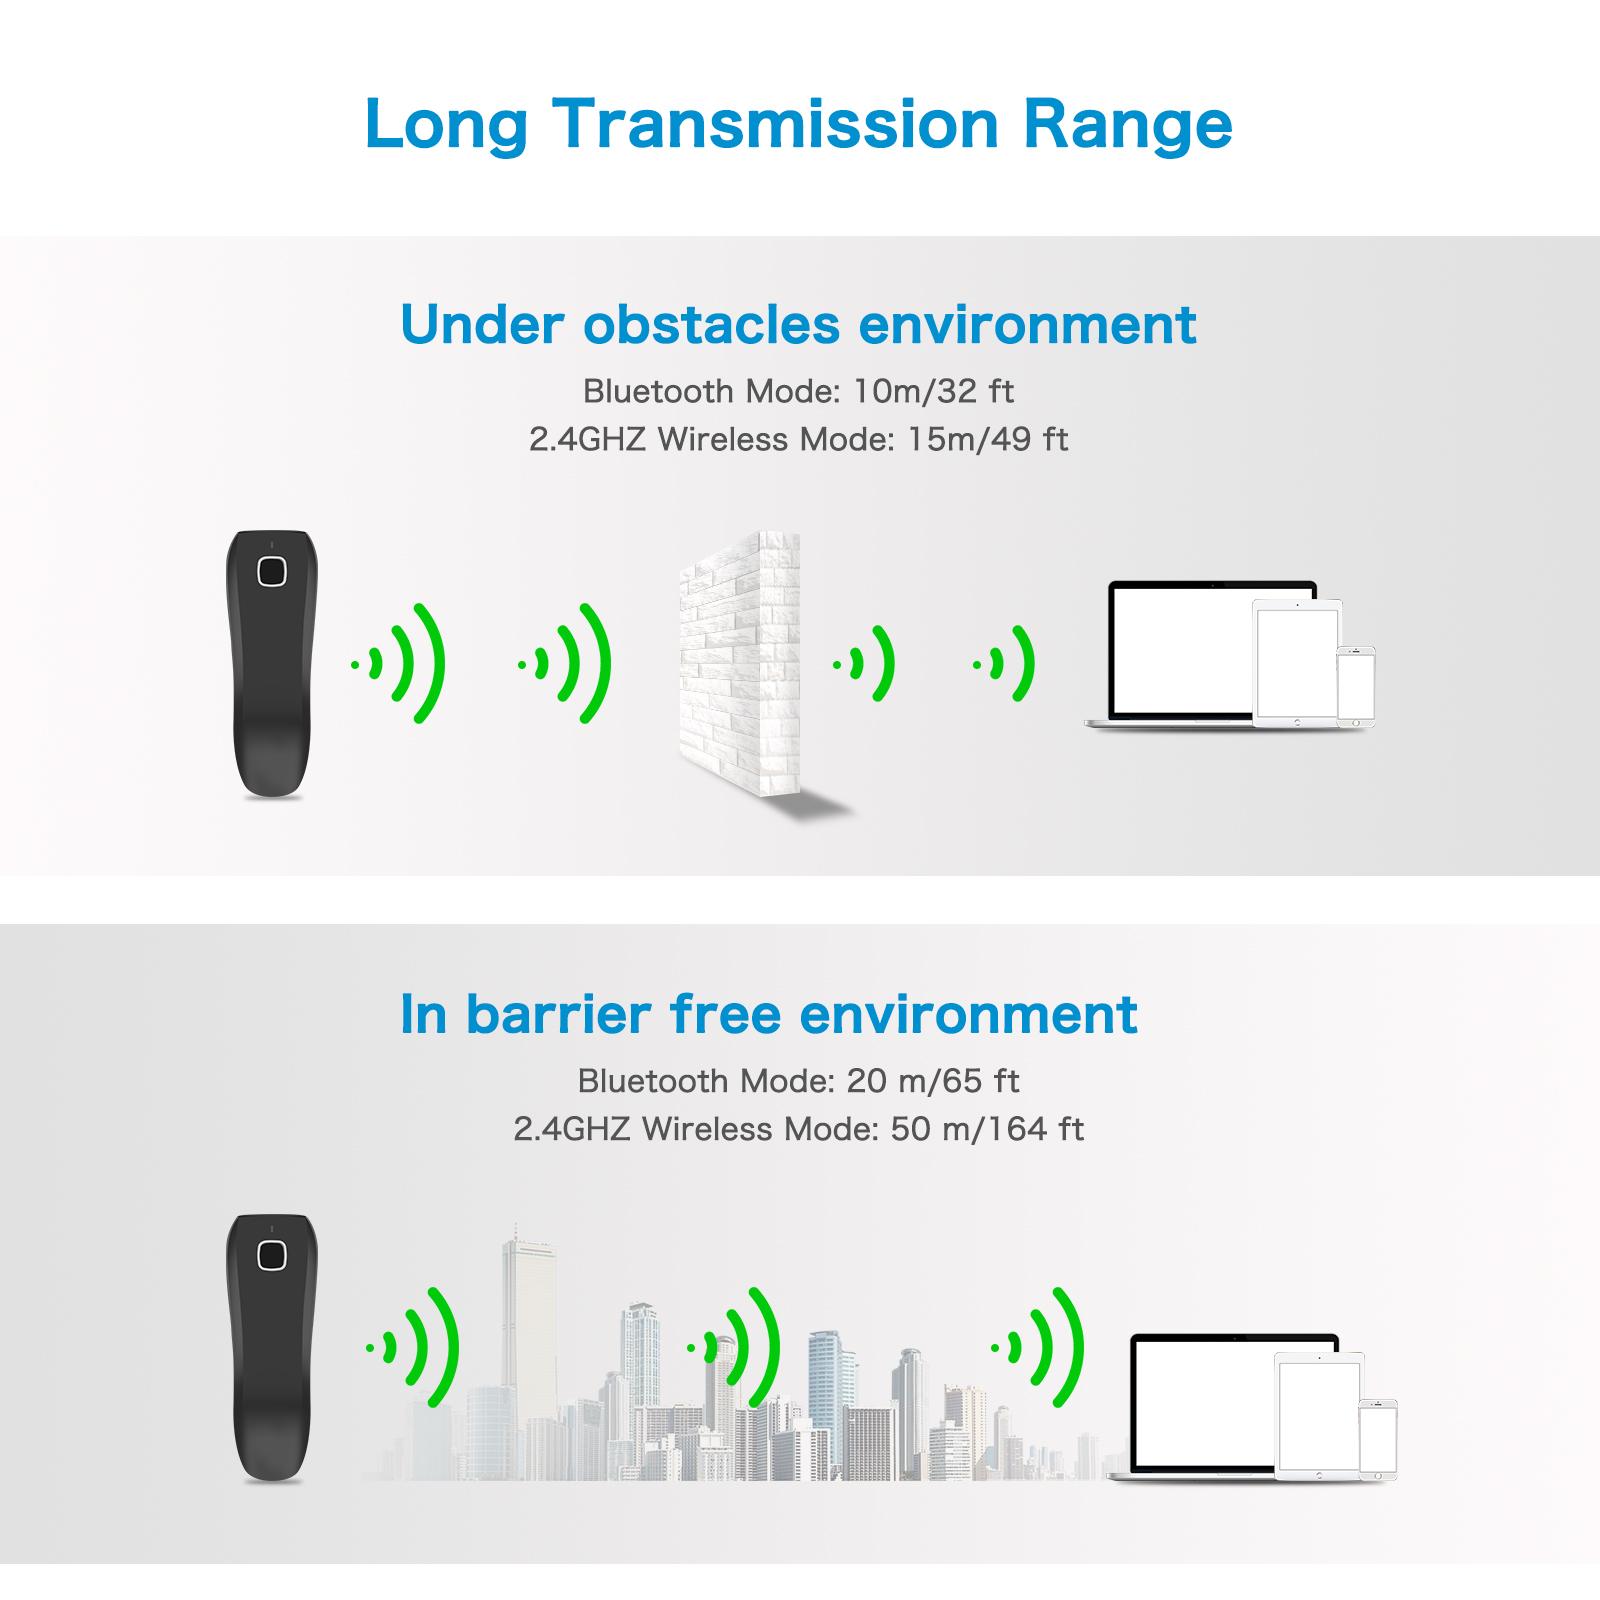 1D Laser Wireless 2.4G Hz Barcode Reader Manufacturers, 1D Laser Wireless 2.4G Hz Barcode Reader Factory, Supply 1D Laser Wireless 2.4G Hz Barcode Reader